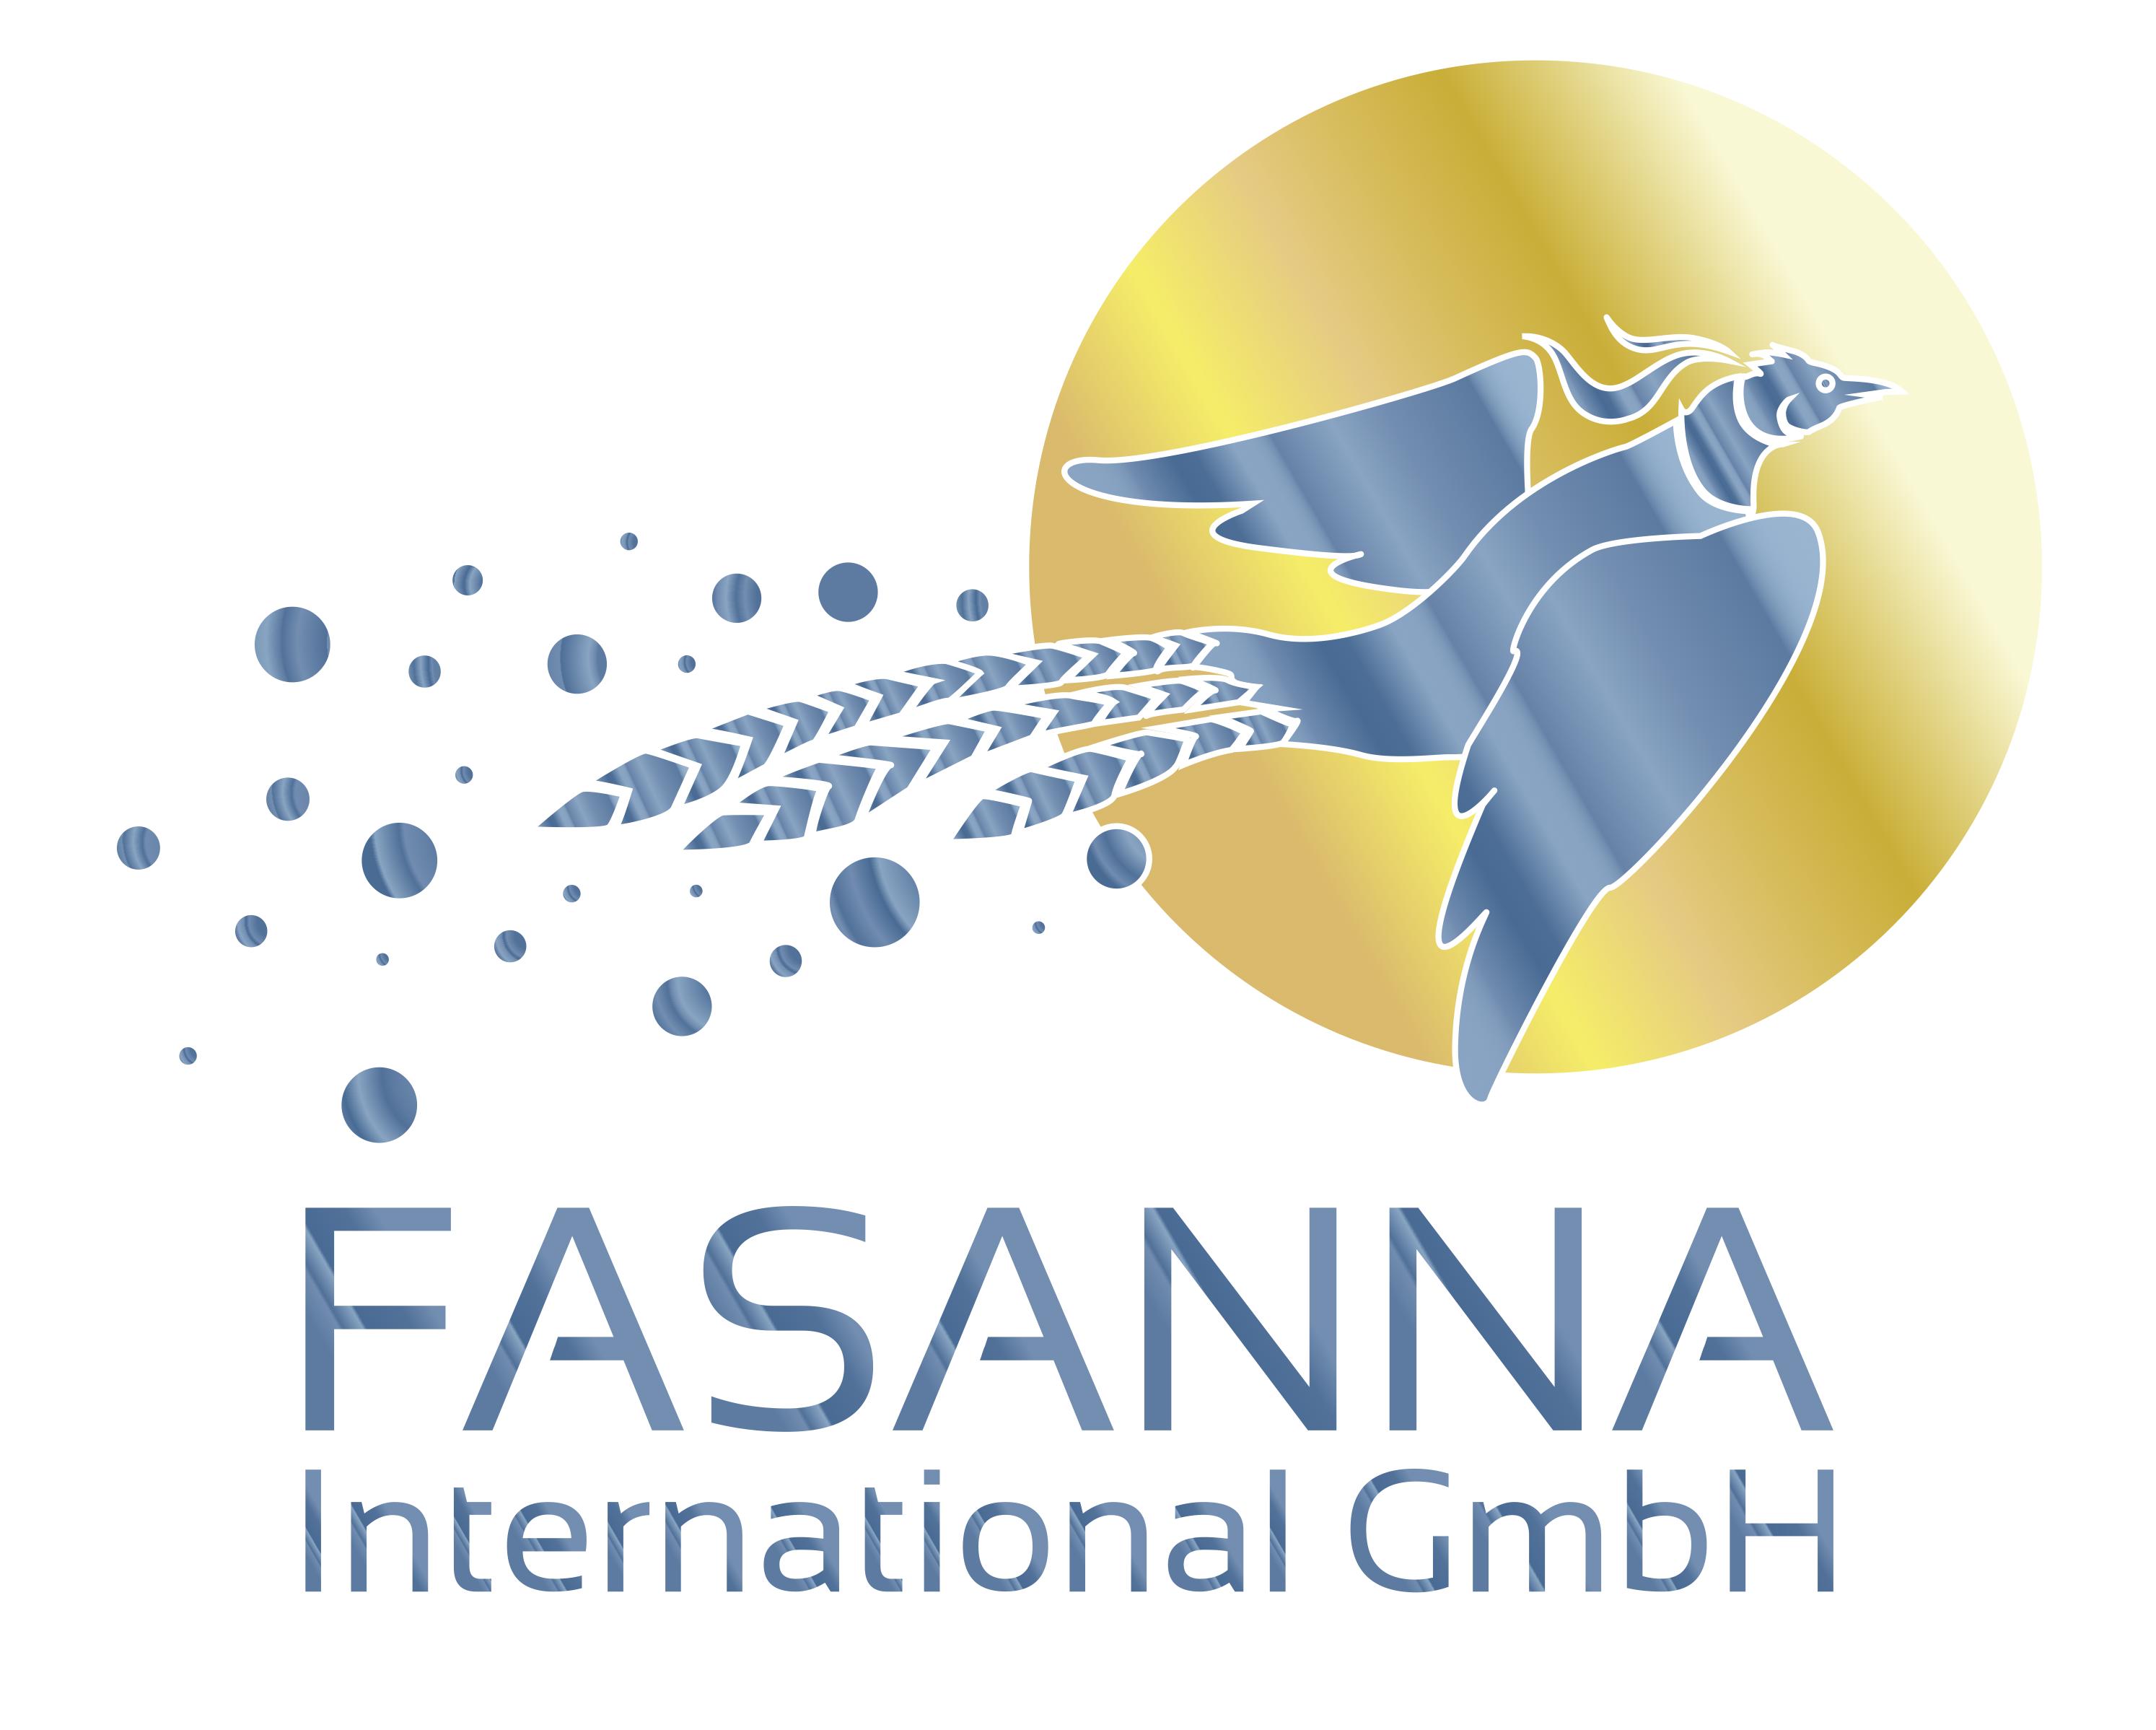 Fasanna-International-GmbH-Logo-2020